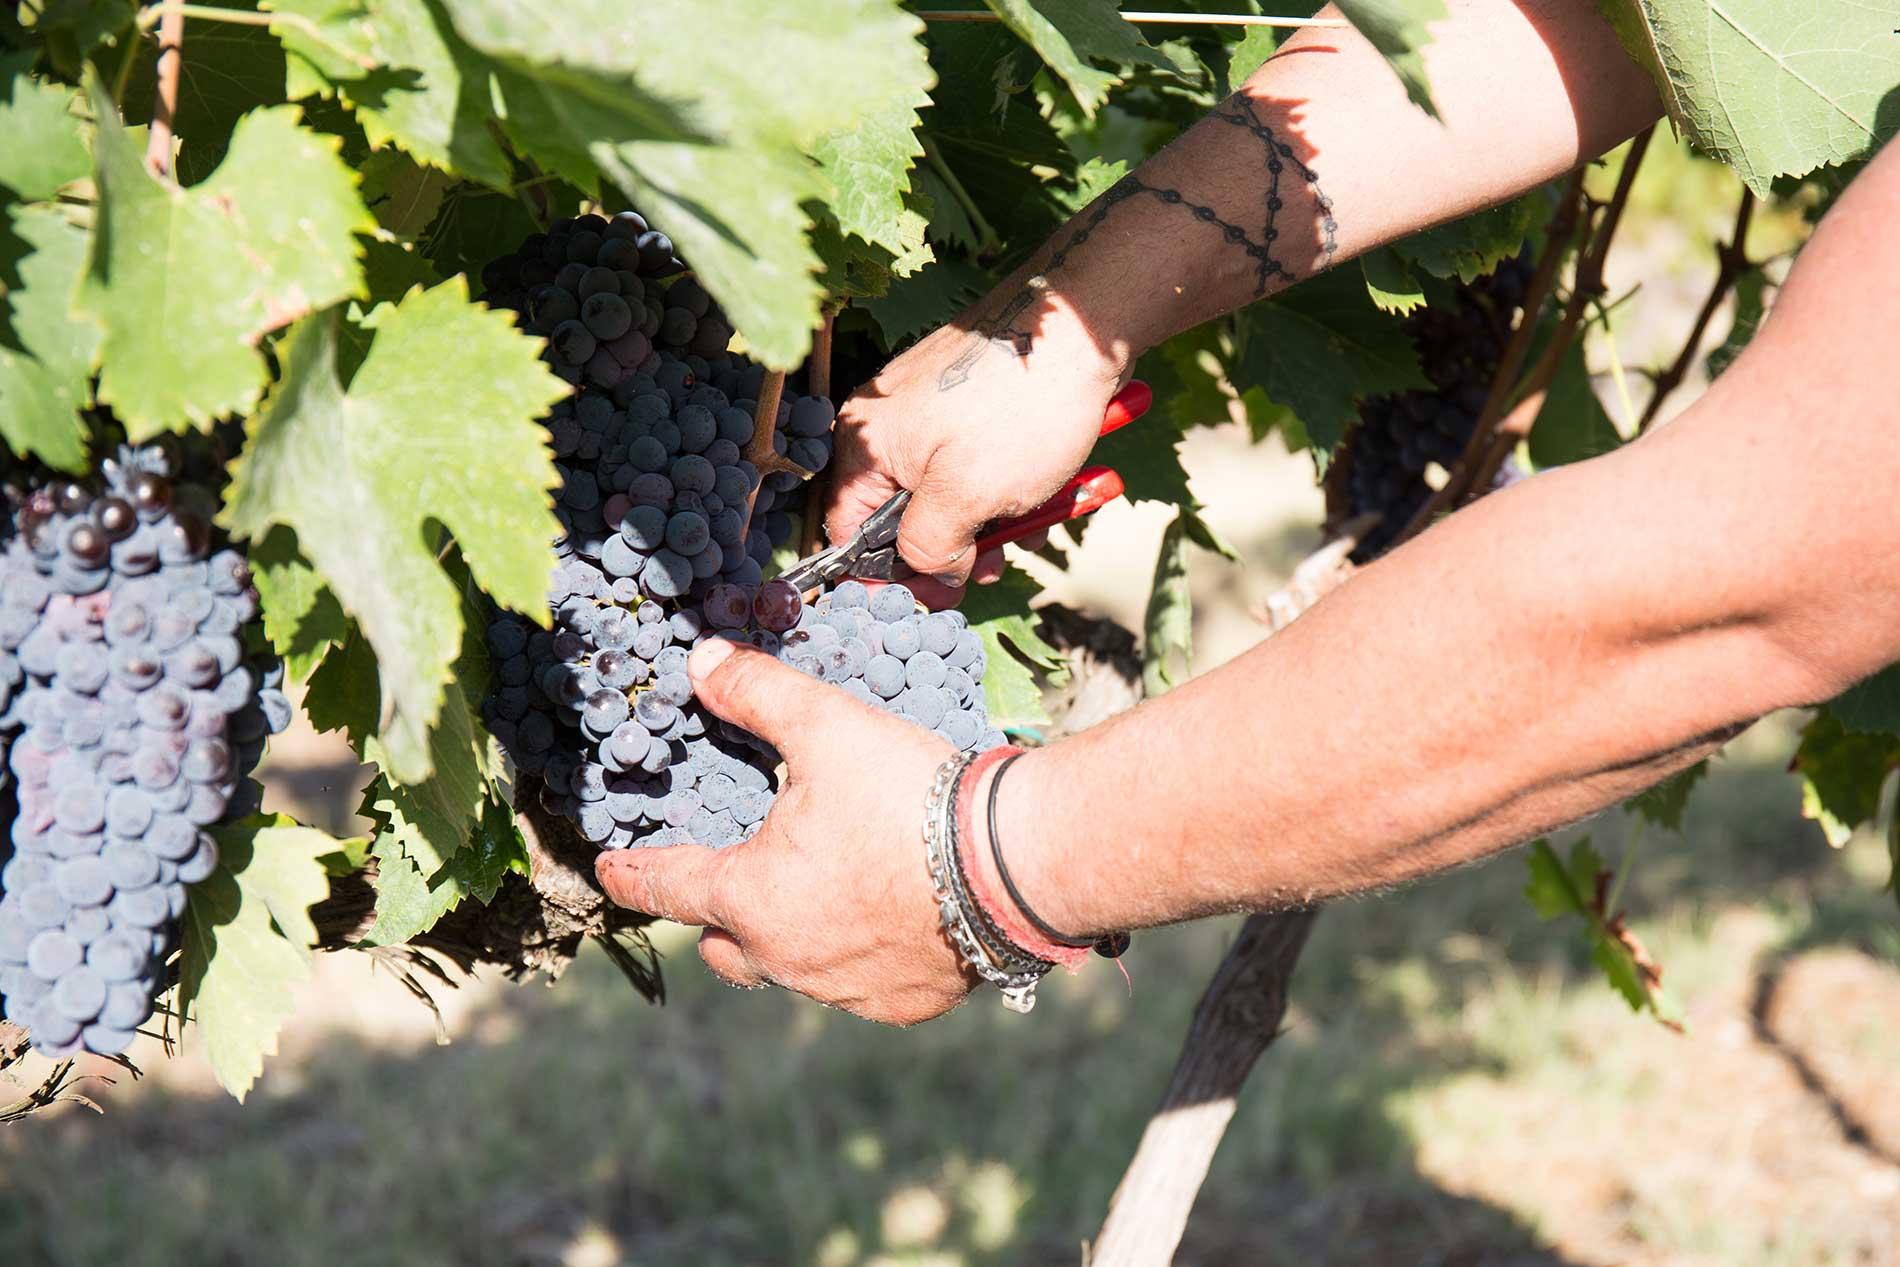 Vendemmia - Raccolta uva - Azienda Agricola Morrone Davide